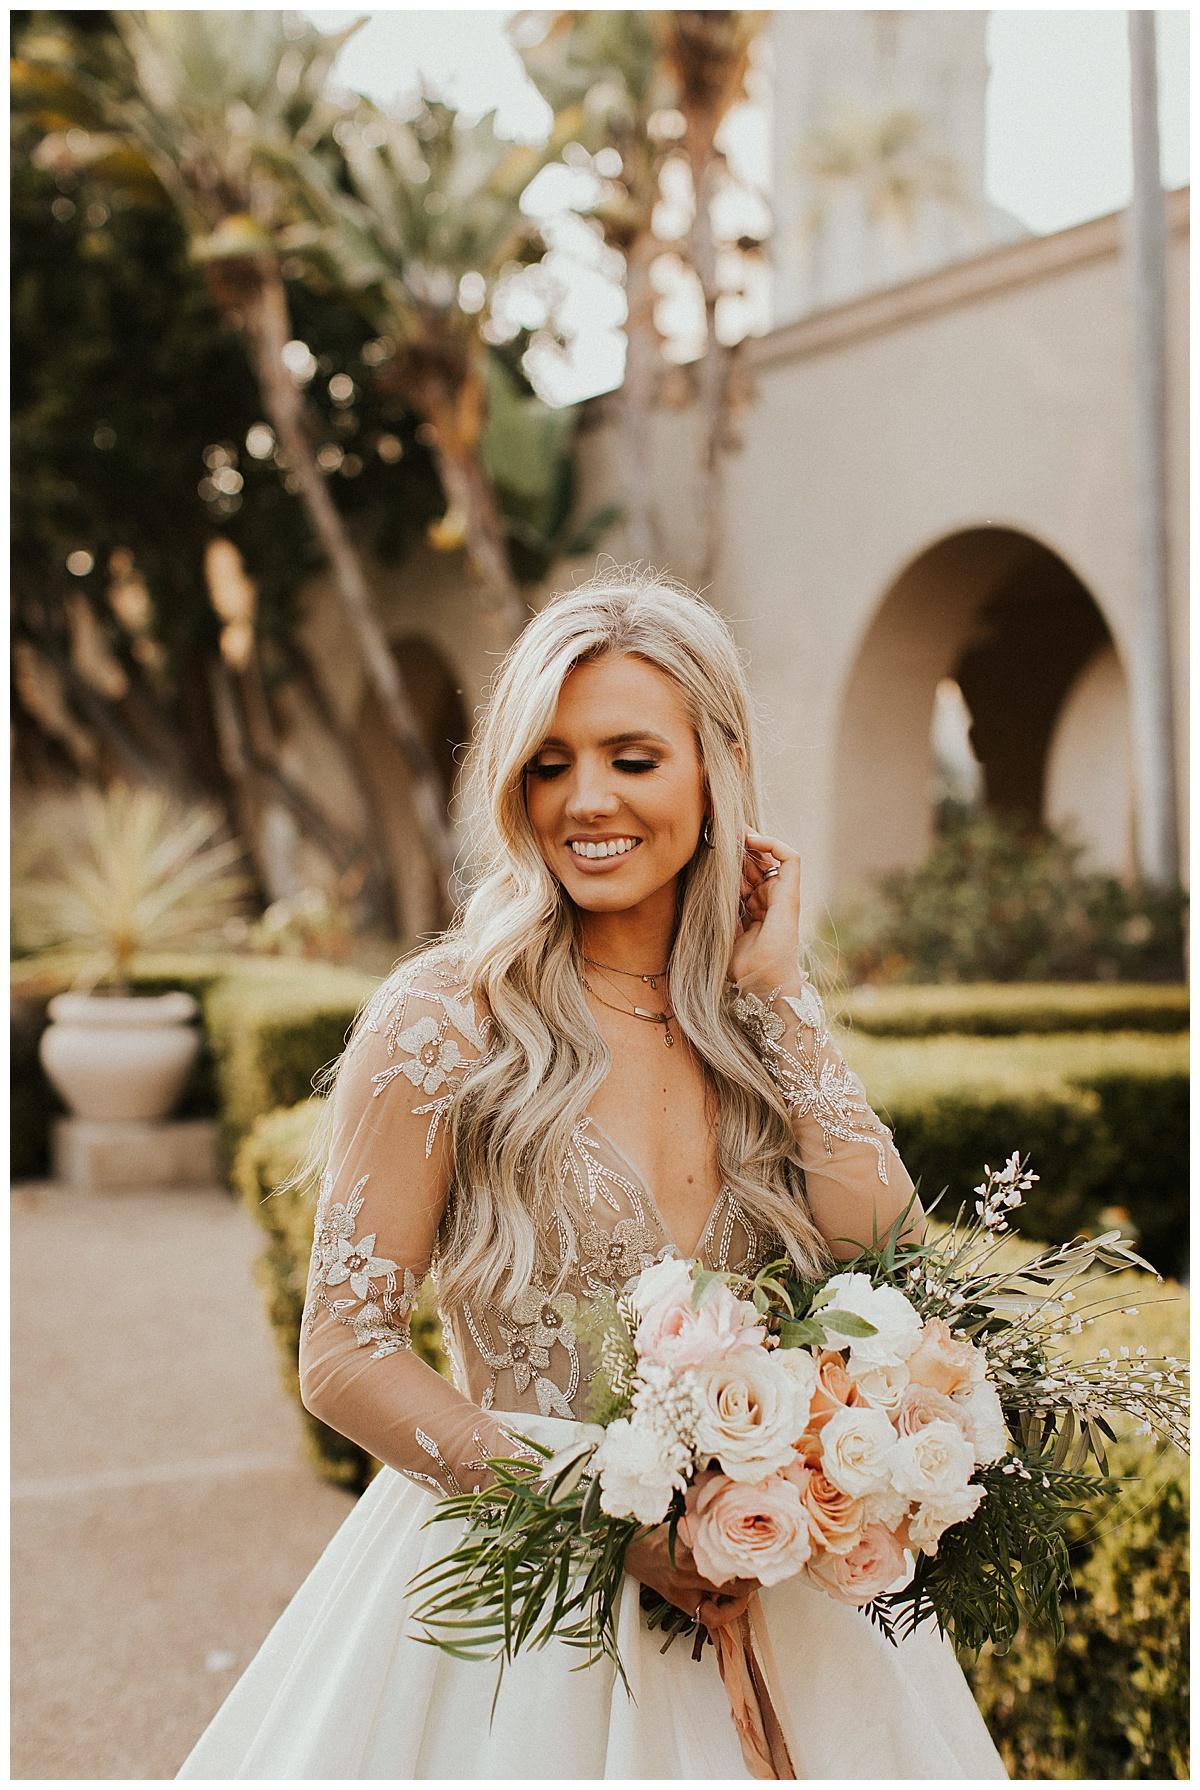 Bixby+Pine-Sarah-Anne-Photography-Balboa-Park-San-Diego-Californai_0013.jpg